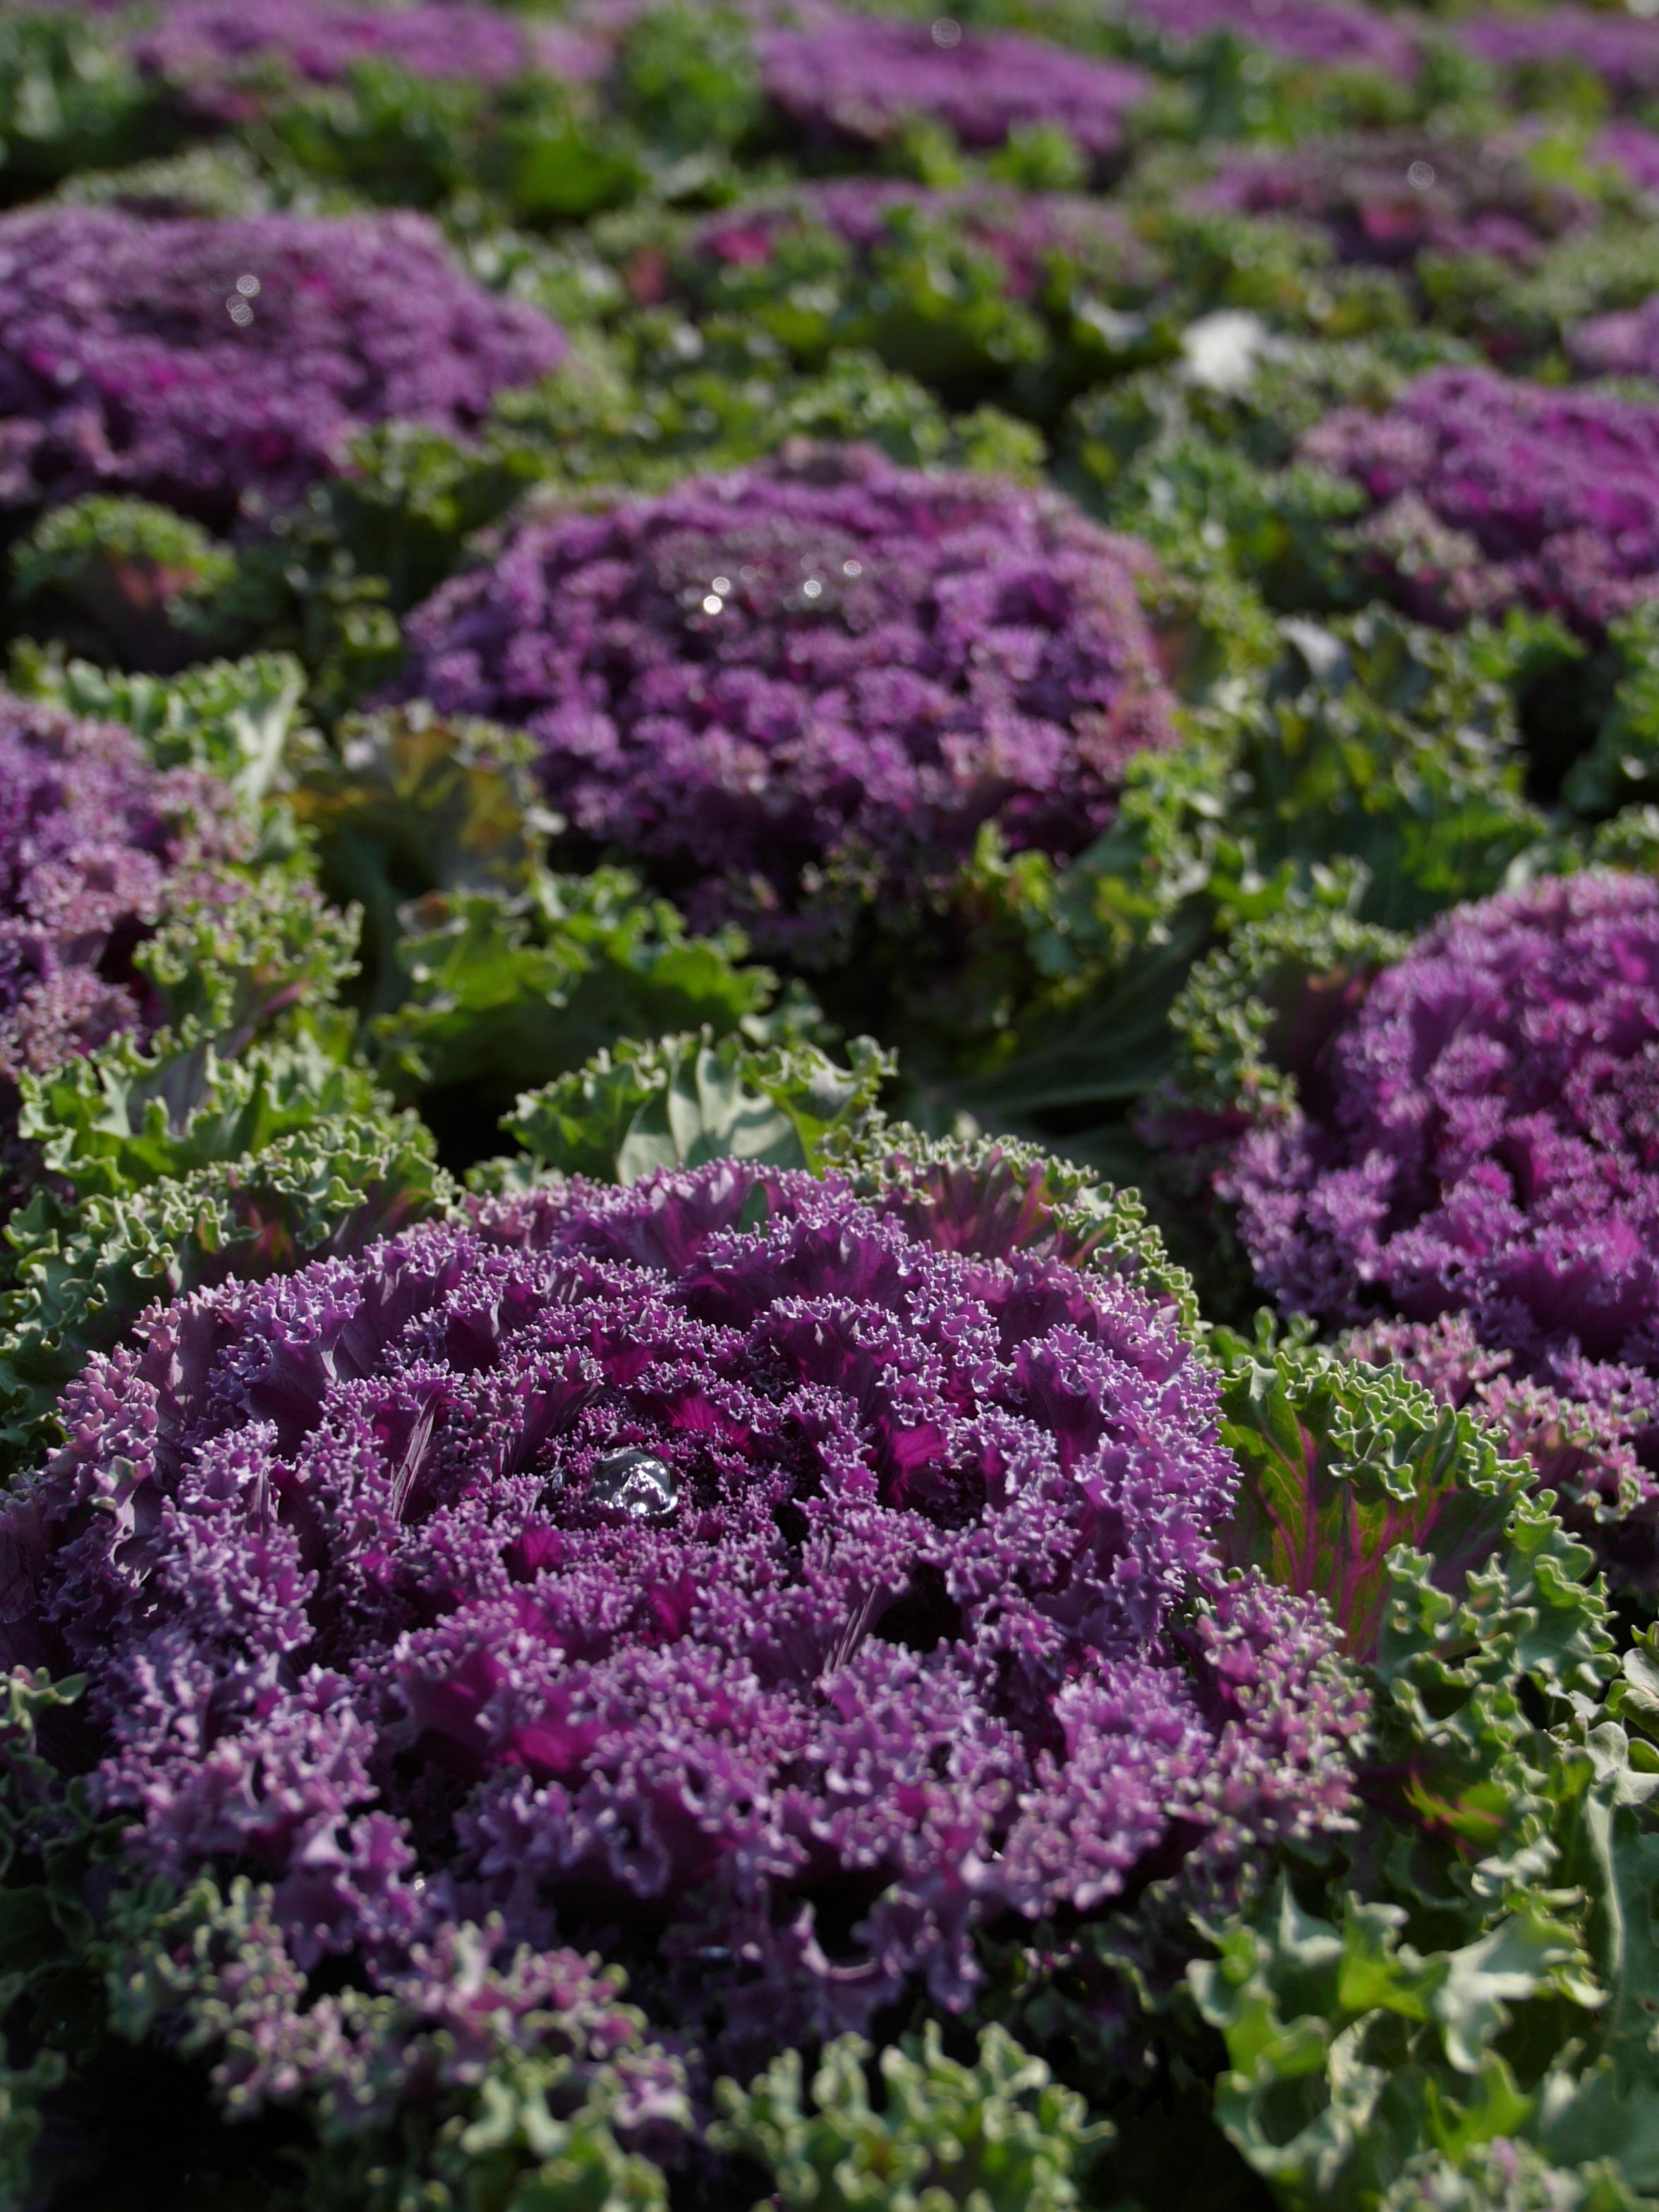 Images Gratuites Fleur Herbe Jardin Des Legumes Plante A